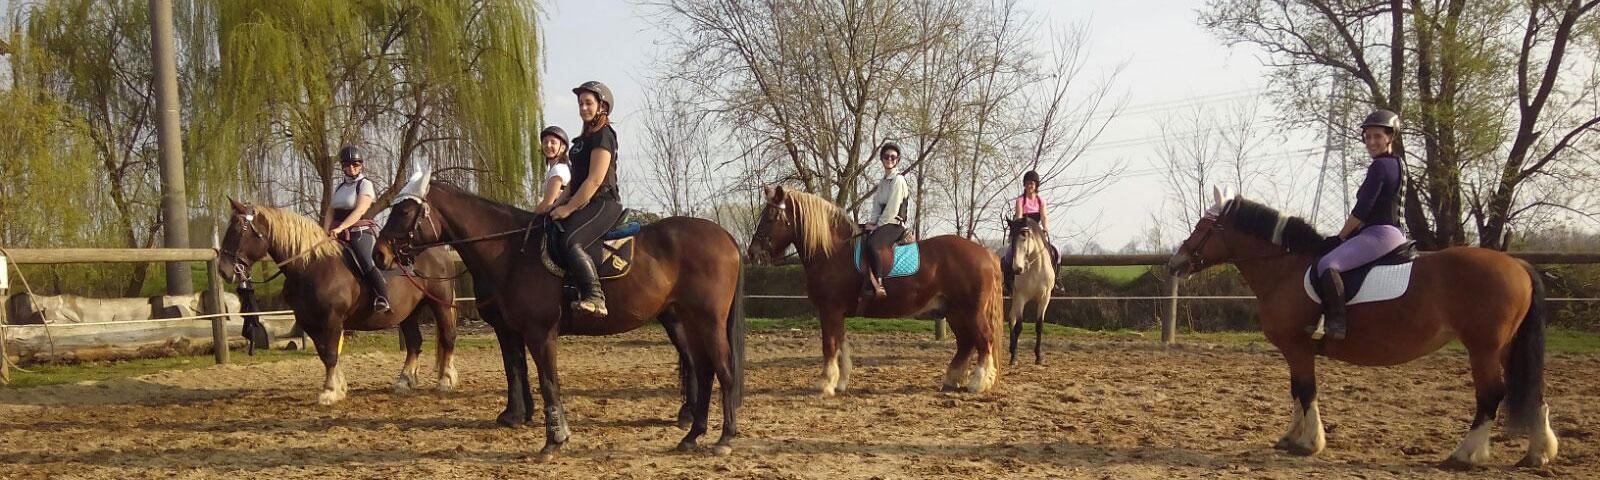 Scuola di equitazione con corsi per bambini ragazzi e adulti alla Cascina di Carola, tra Milano Novara e Pavia, Lombardia Piemonte